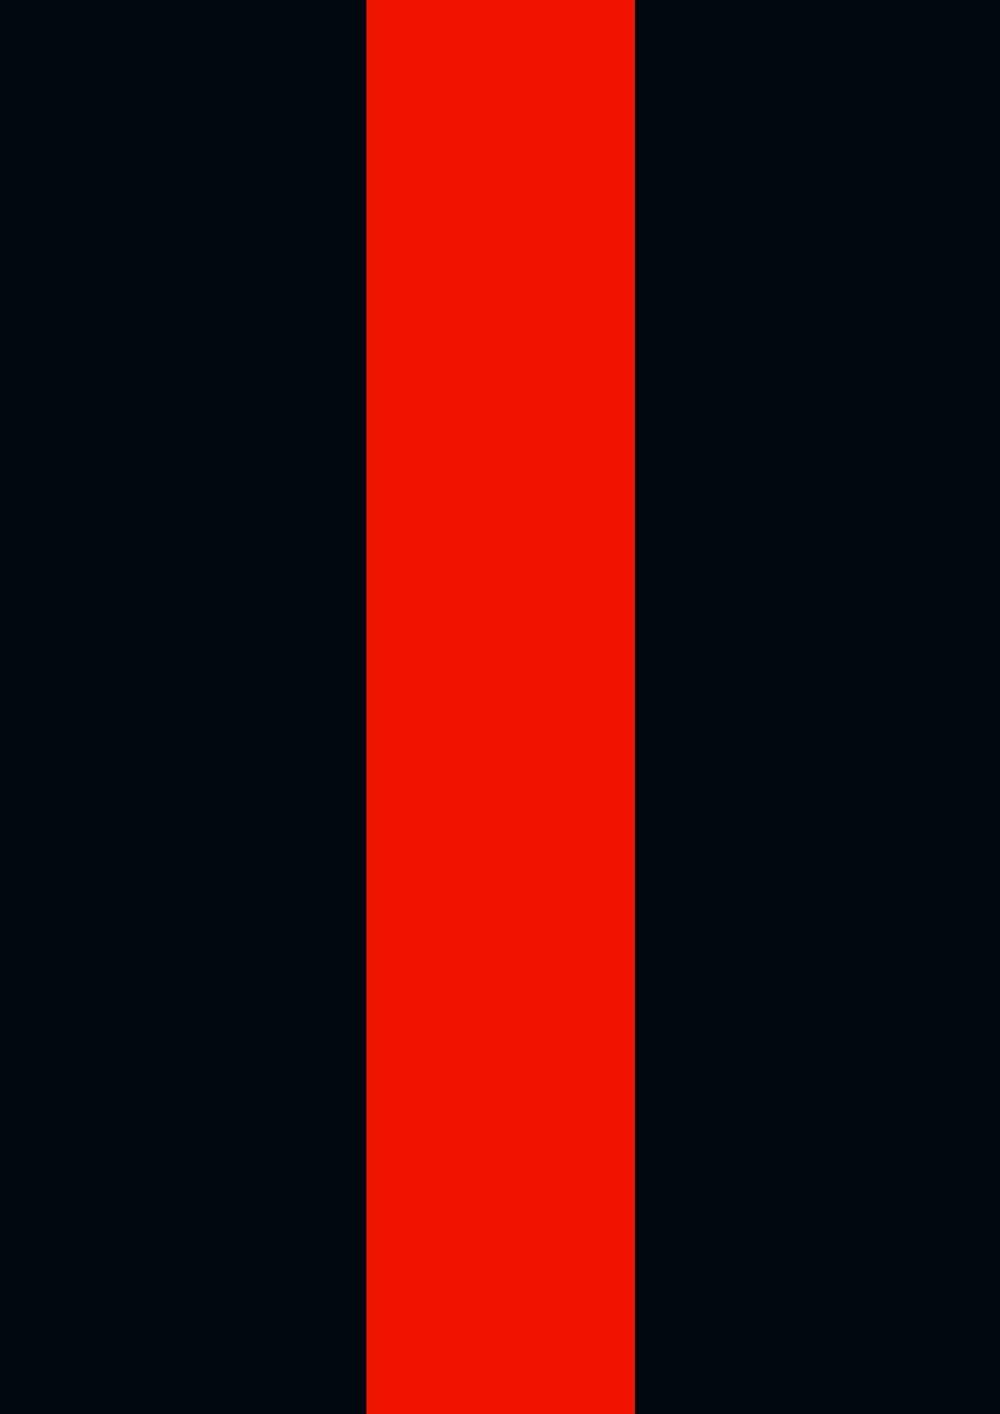 Toland Home Garden 1110868 Thin Red Line 12.5 x 18 Inch Decorative, Garden-Small-12.5x18-Inch, Garden Flag